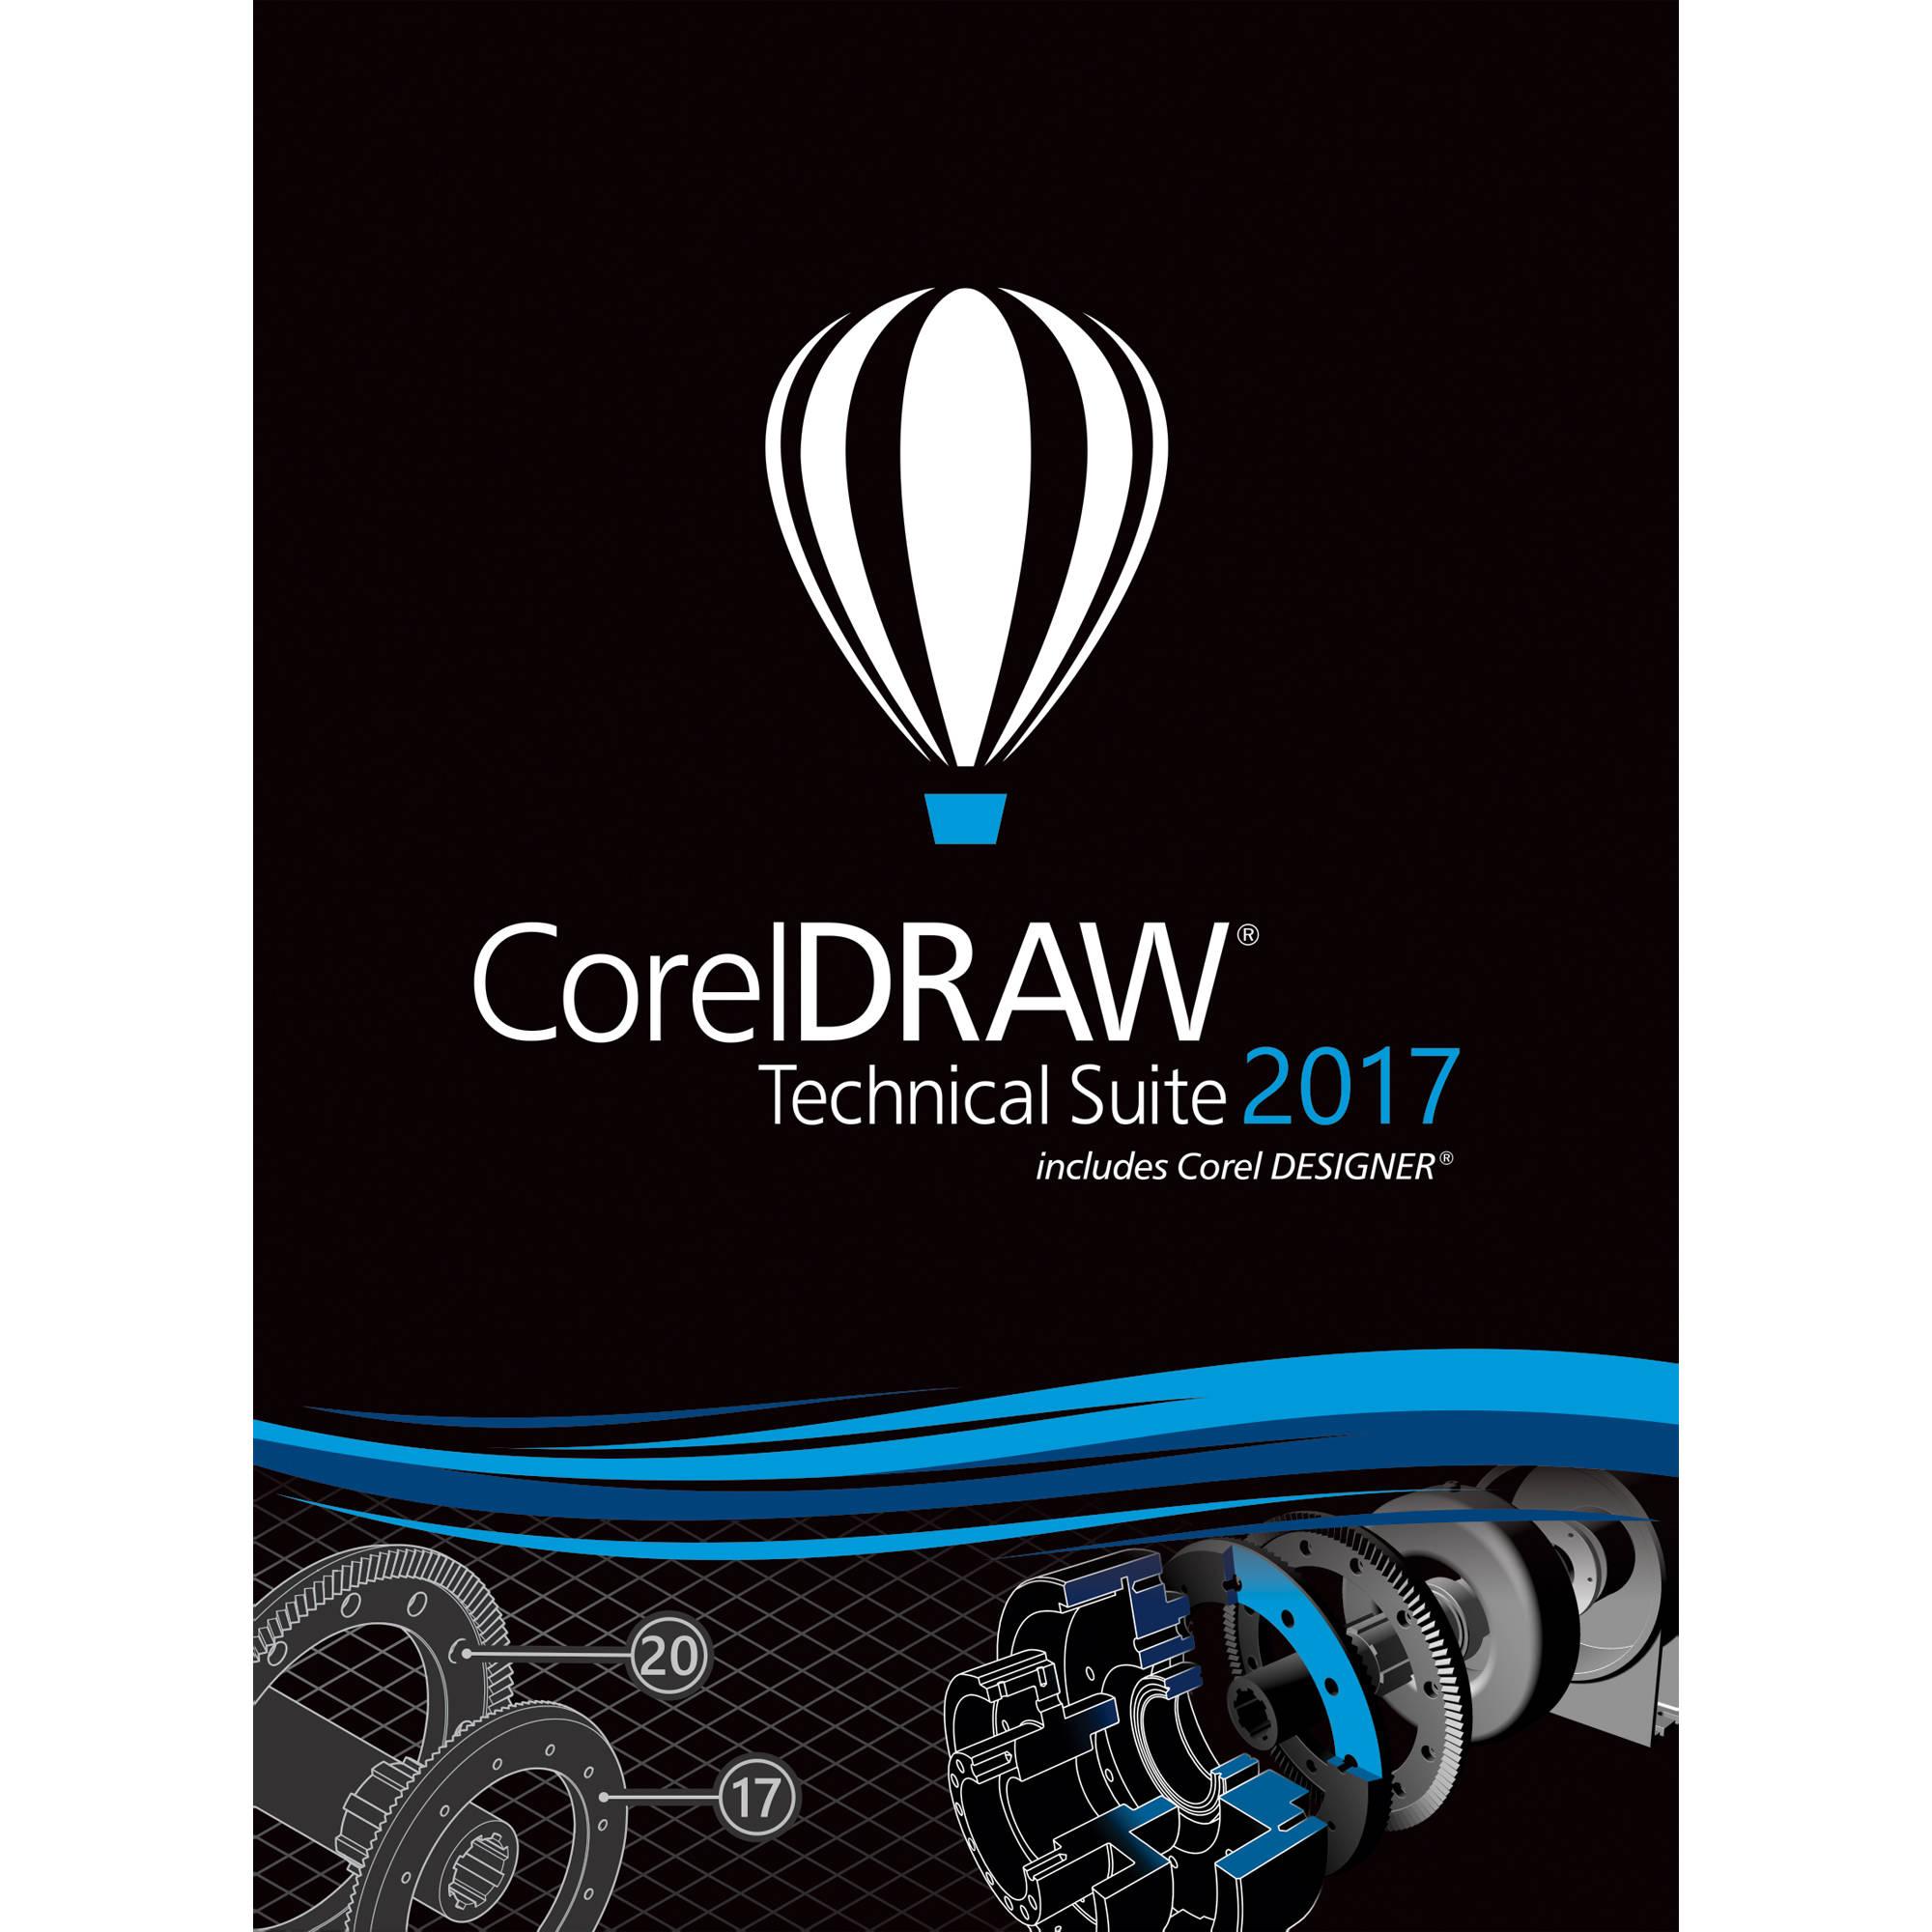 coreldraw technical suite 2017 offline installer